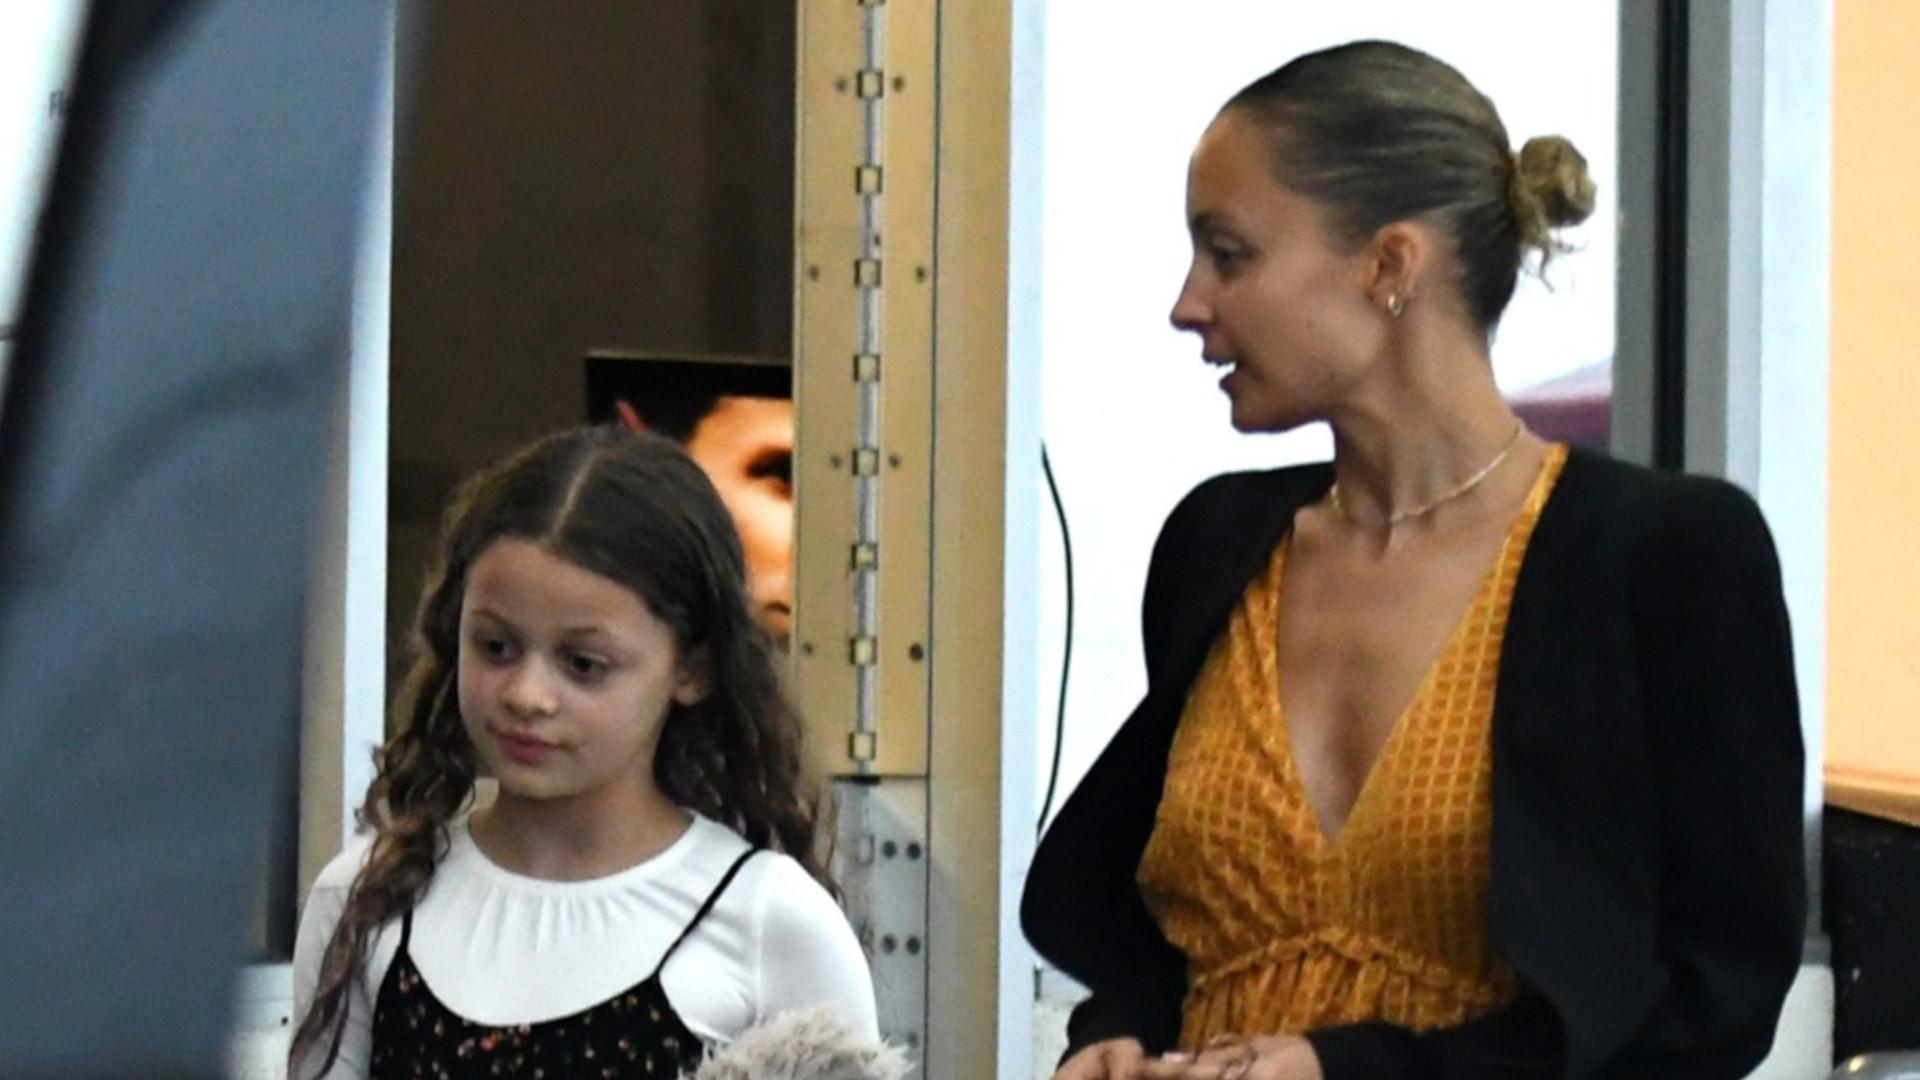 Córka Nicole Richie jest już taka duża! Coraz bardziej przypomina mamę